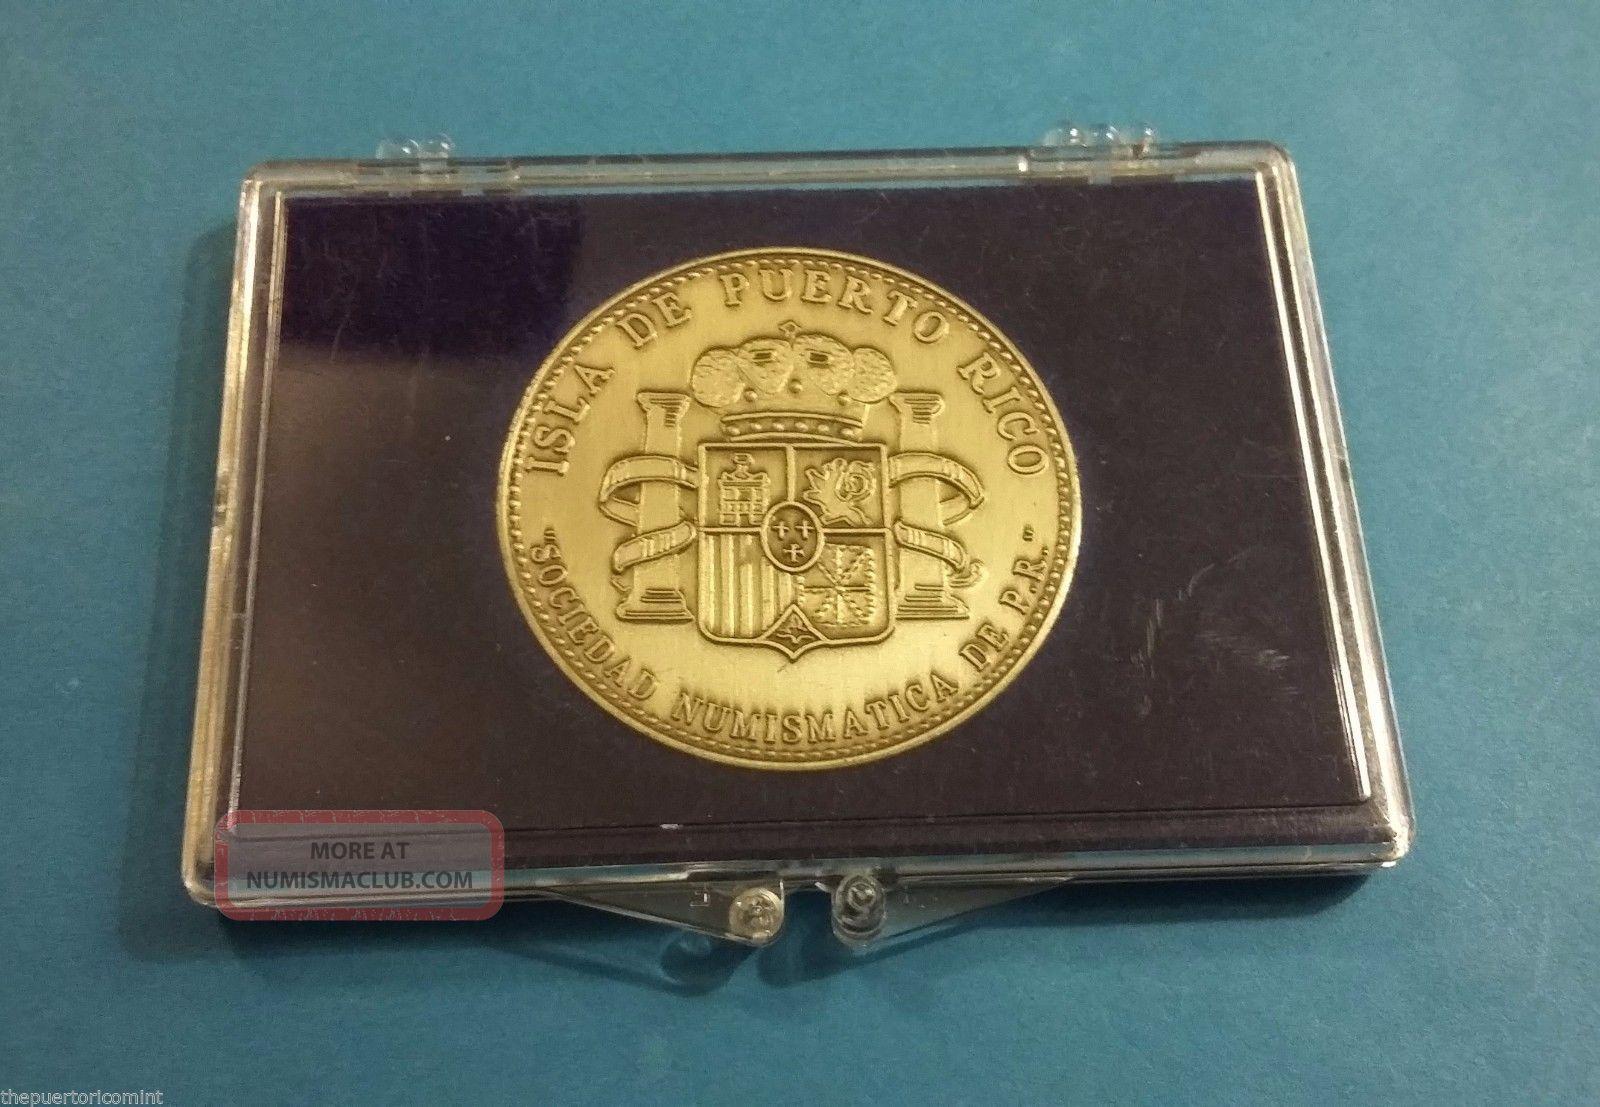 Medalla Niquel 45 Años Sociedad Numismatica Puerto Rico 1949 - 1994 Numismatic Exonumia photo